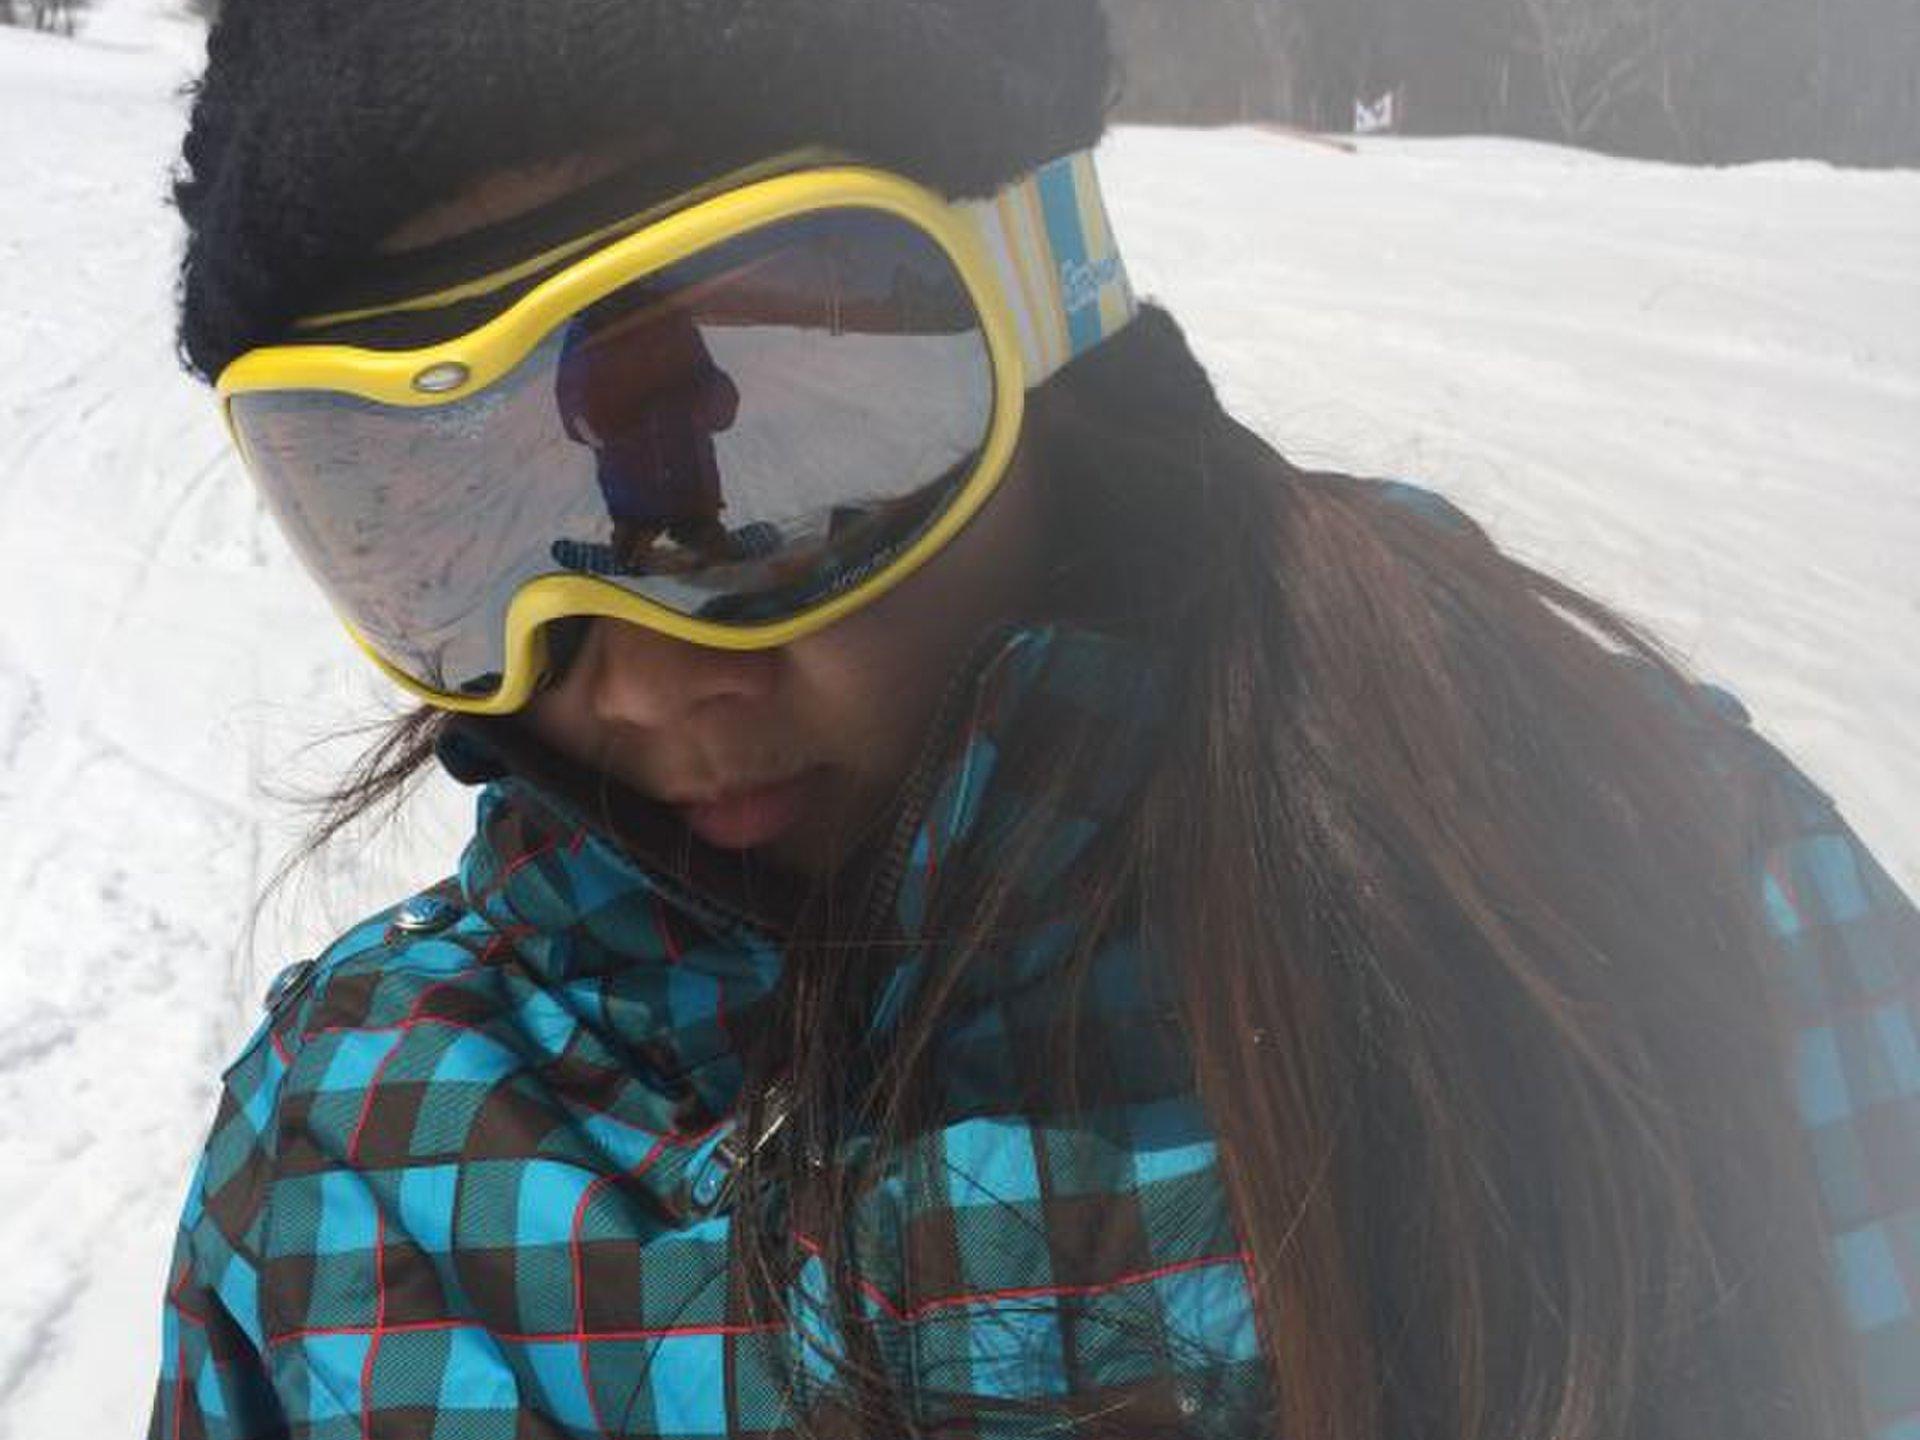 死ぬまでに行きたい!世界の絶景ホテル編掲載❤︎新潟赤倉温泉でスキースノボー堪能旅!